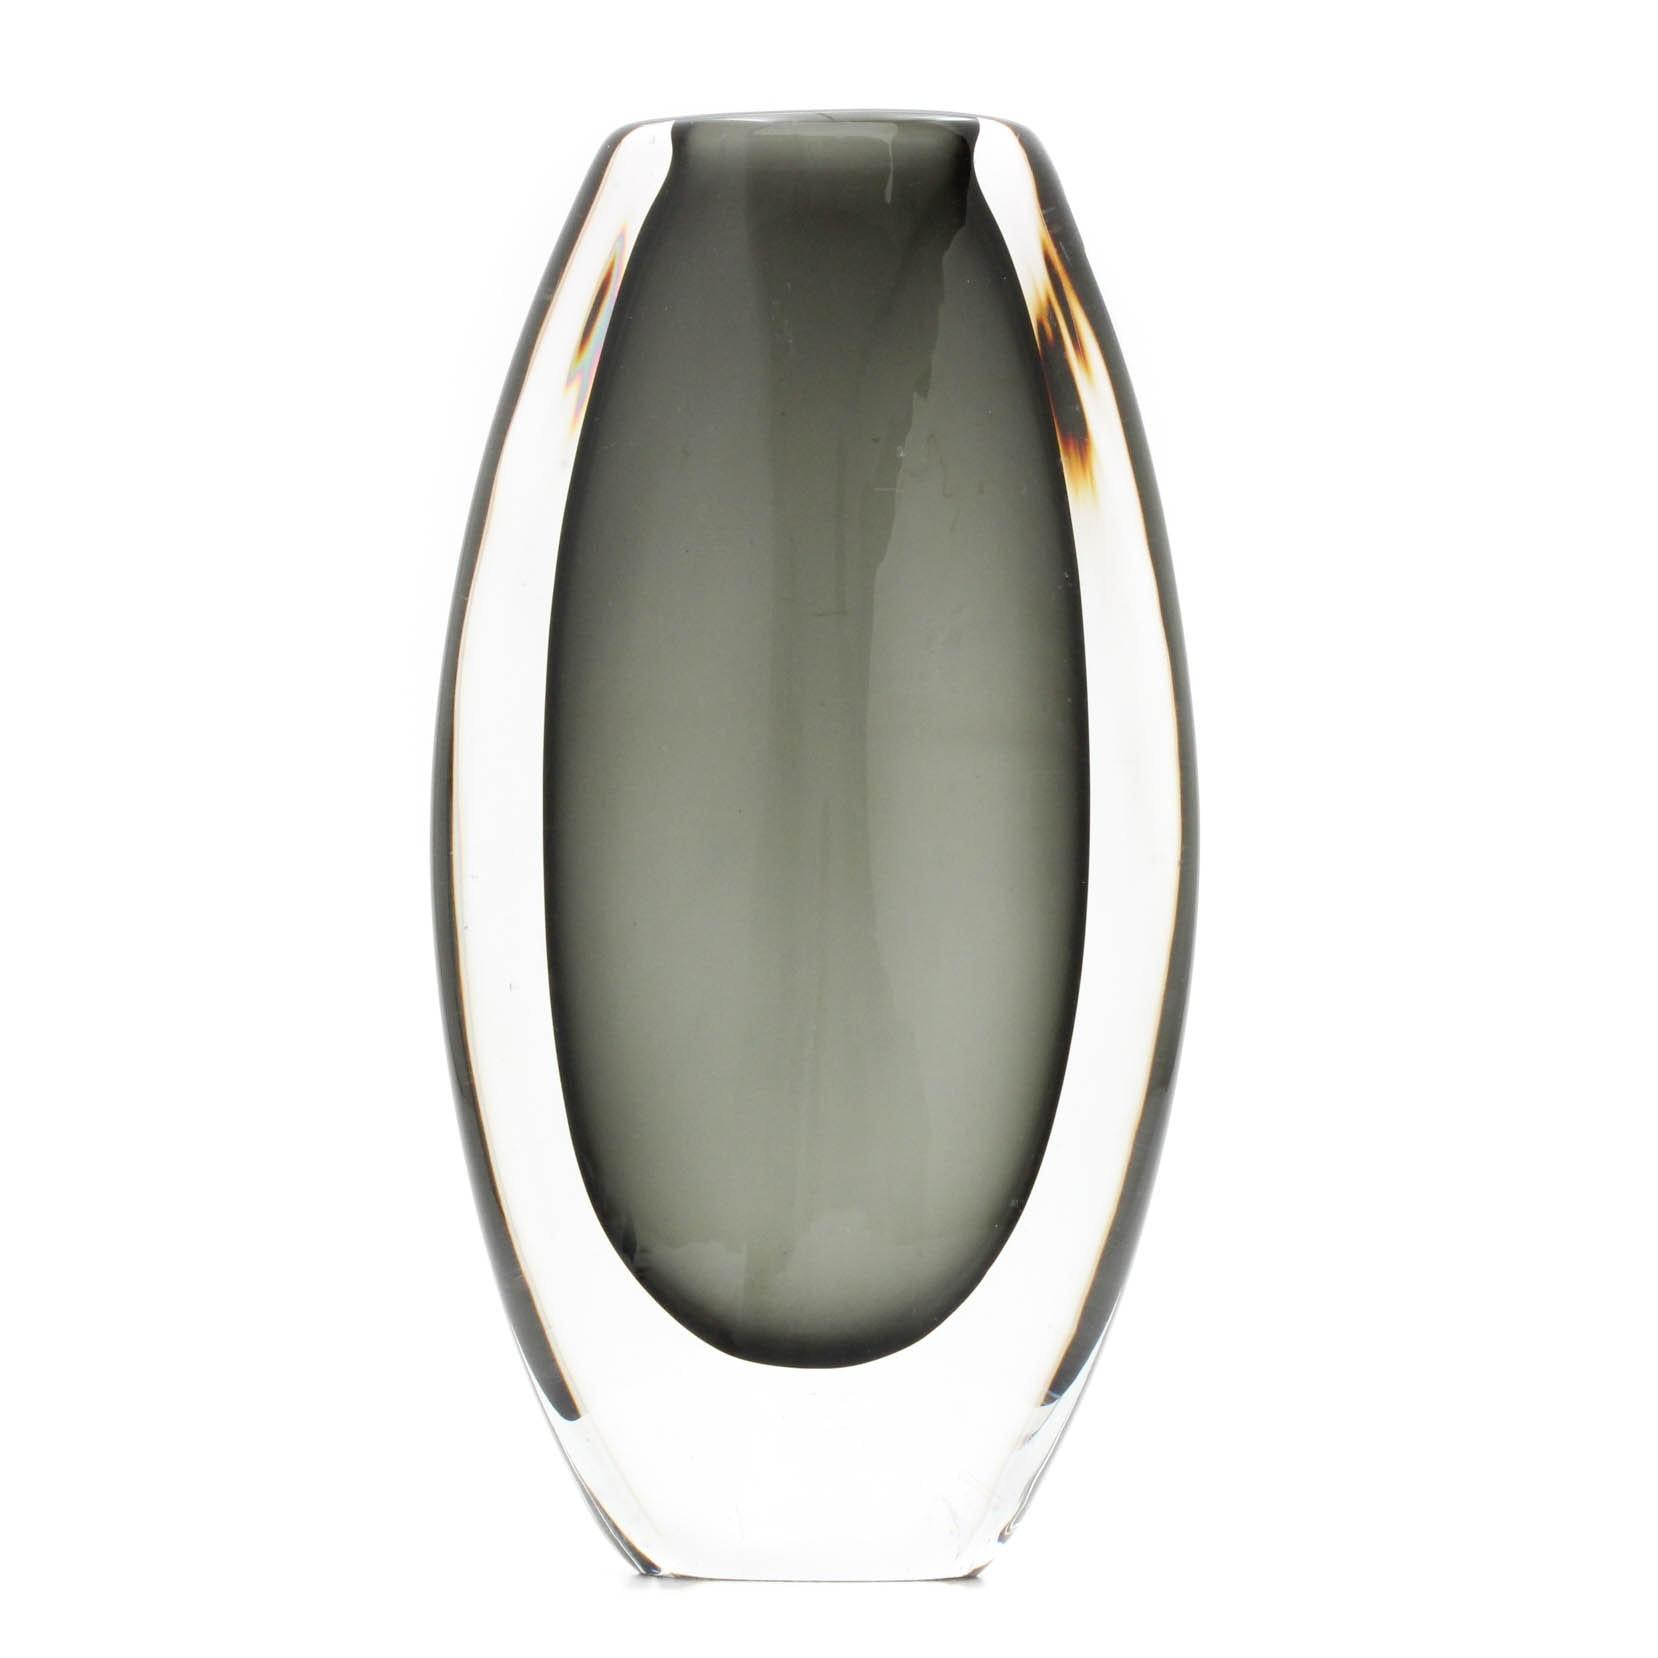 Orrefors Signed Crystal Vase